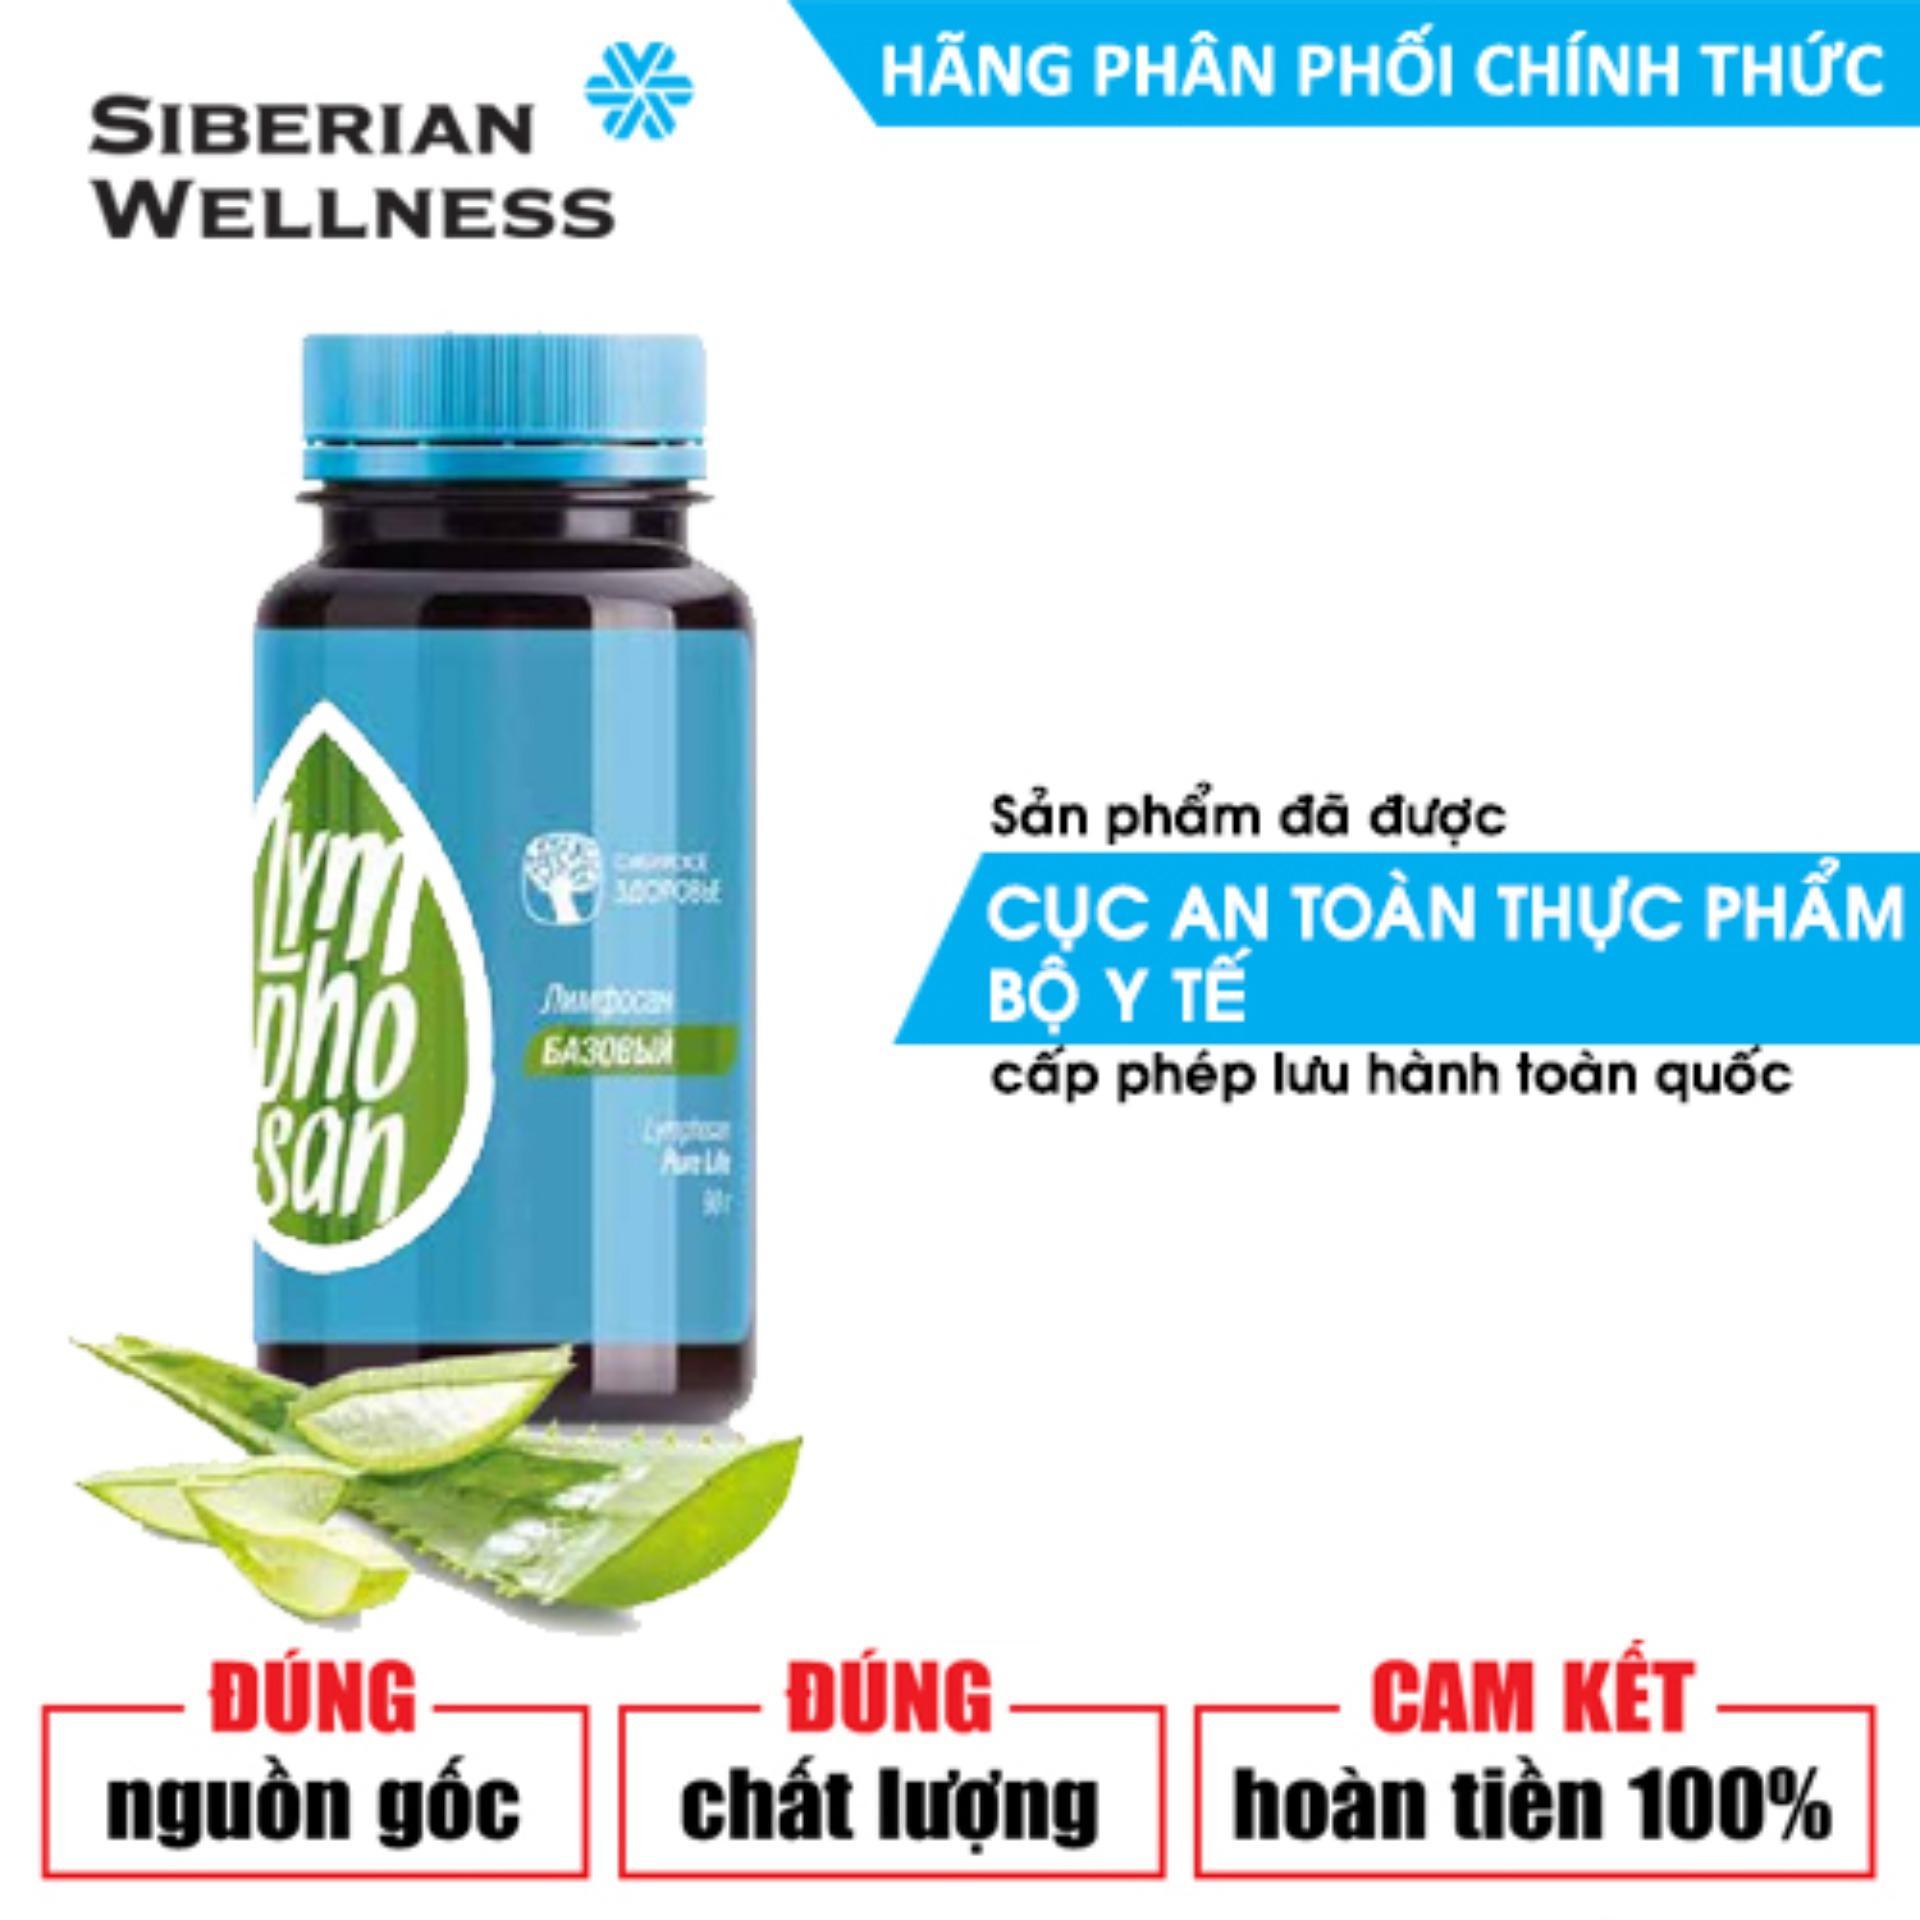 Lymphosan Pure Life hỗ trợ đào thải các chất gây hại ra khỏi cơ thể qua đường tiêu hóa - Hãng phân phối chính thức